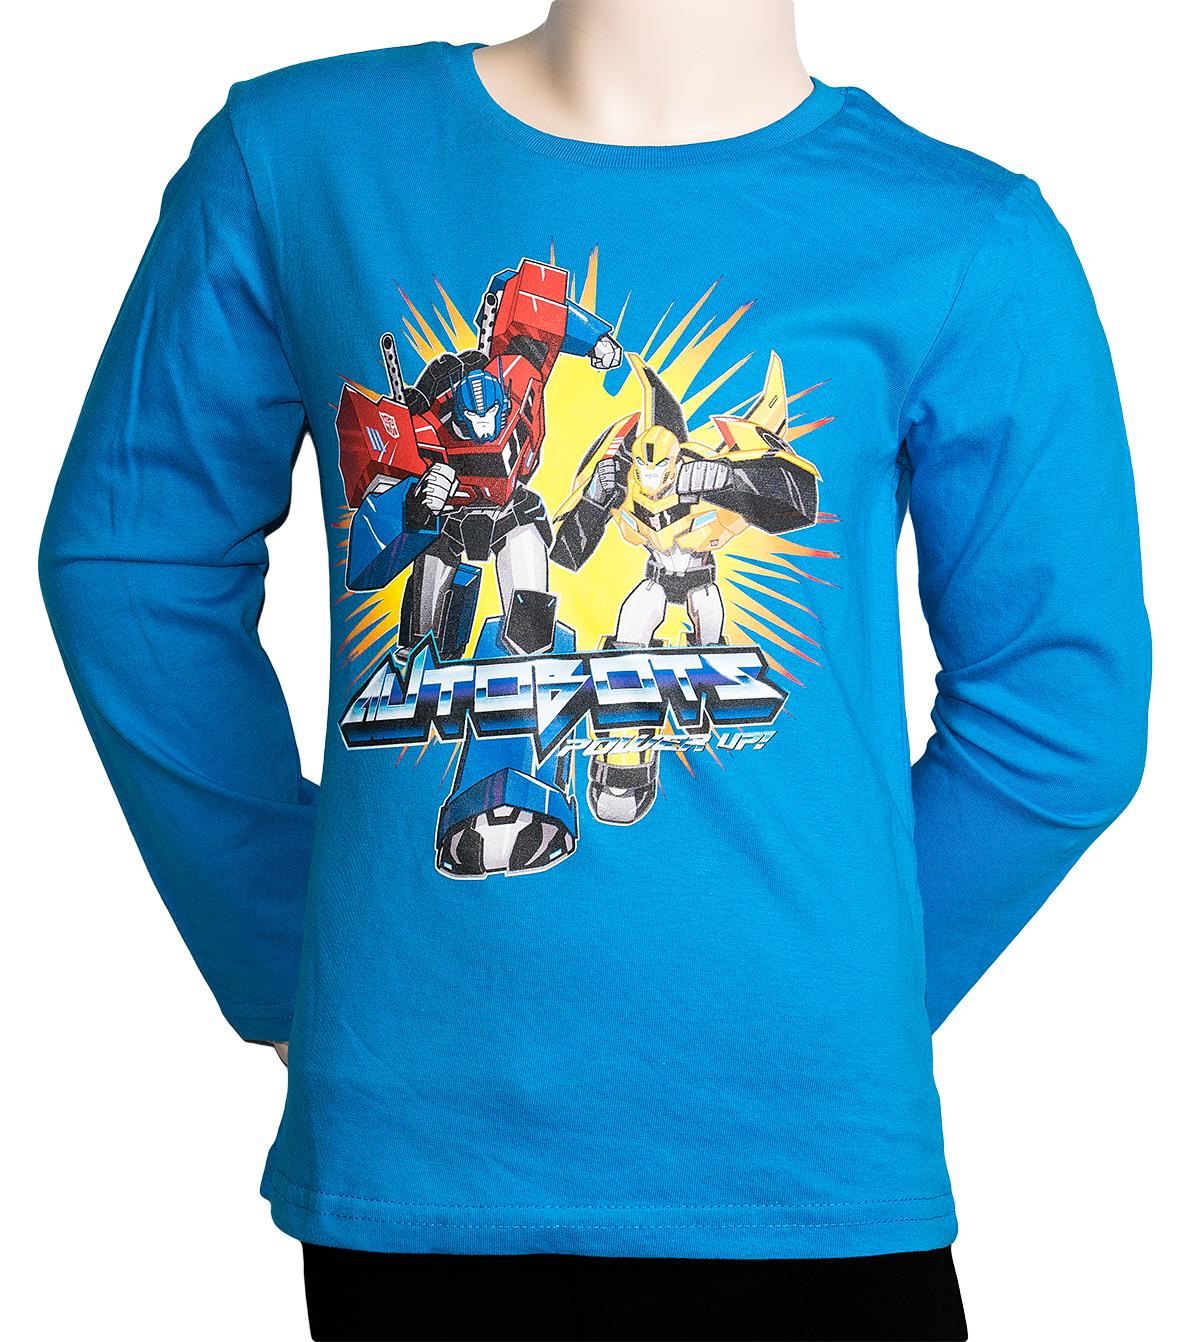 45845de125ac Krásné originální dětské tričko Transformers pro kluky